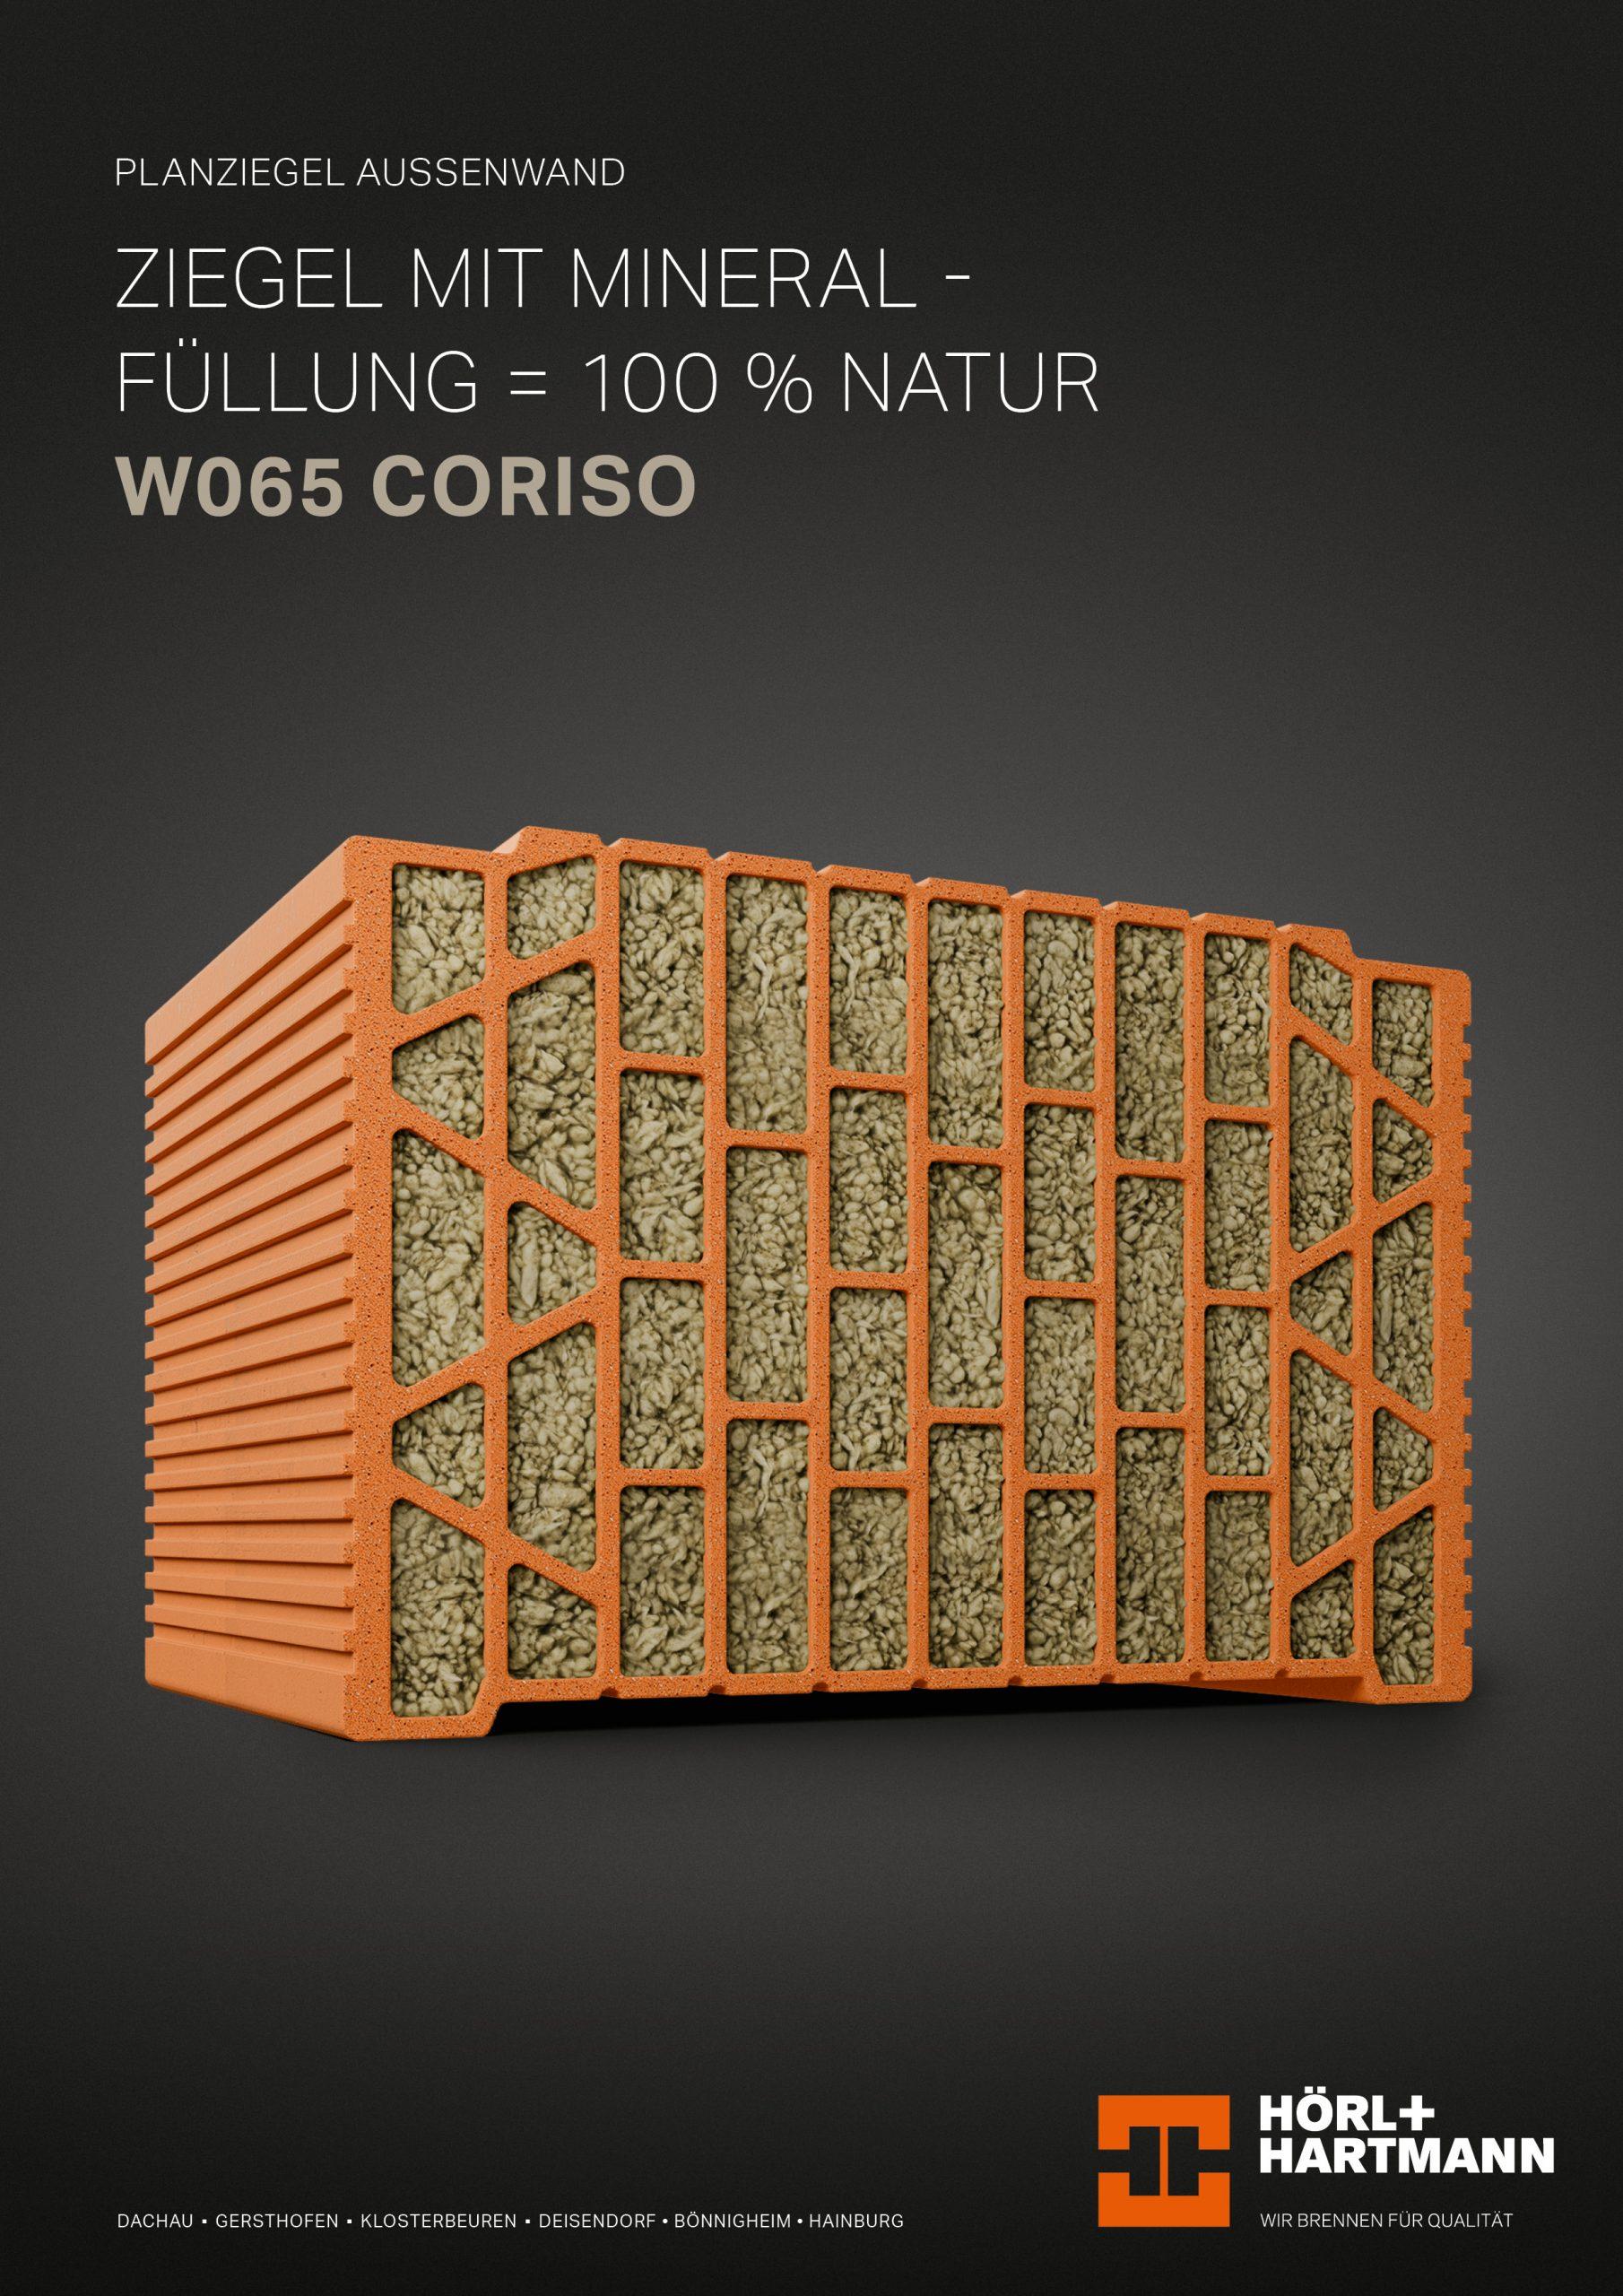 Datenblatt W065 CORISO